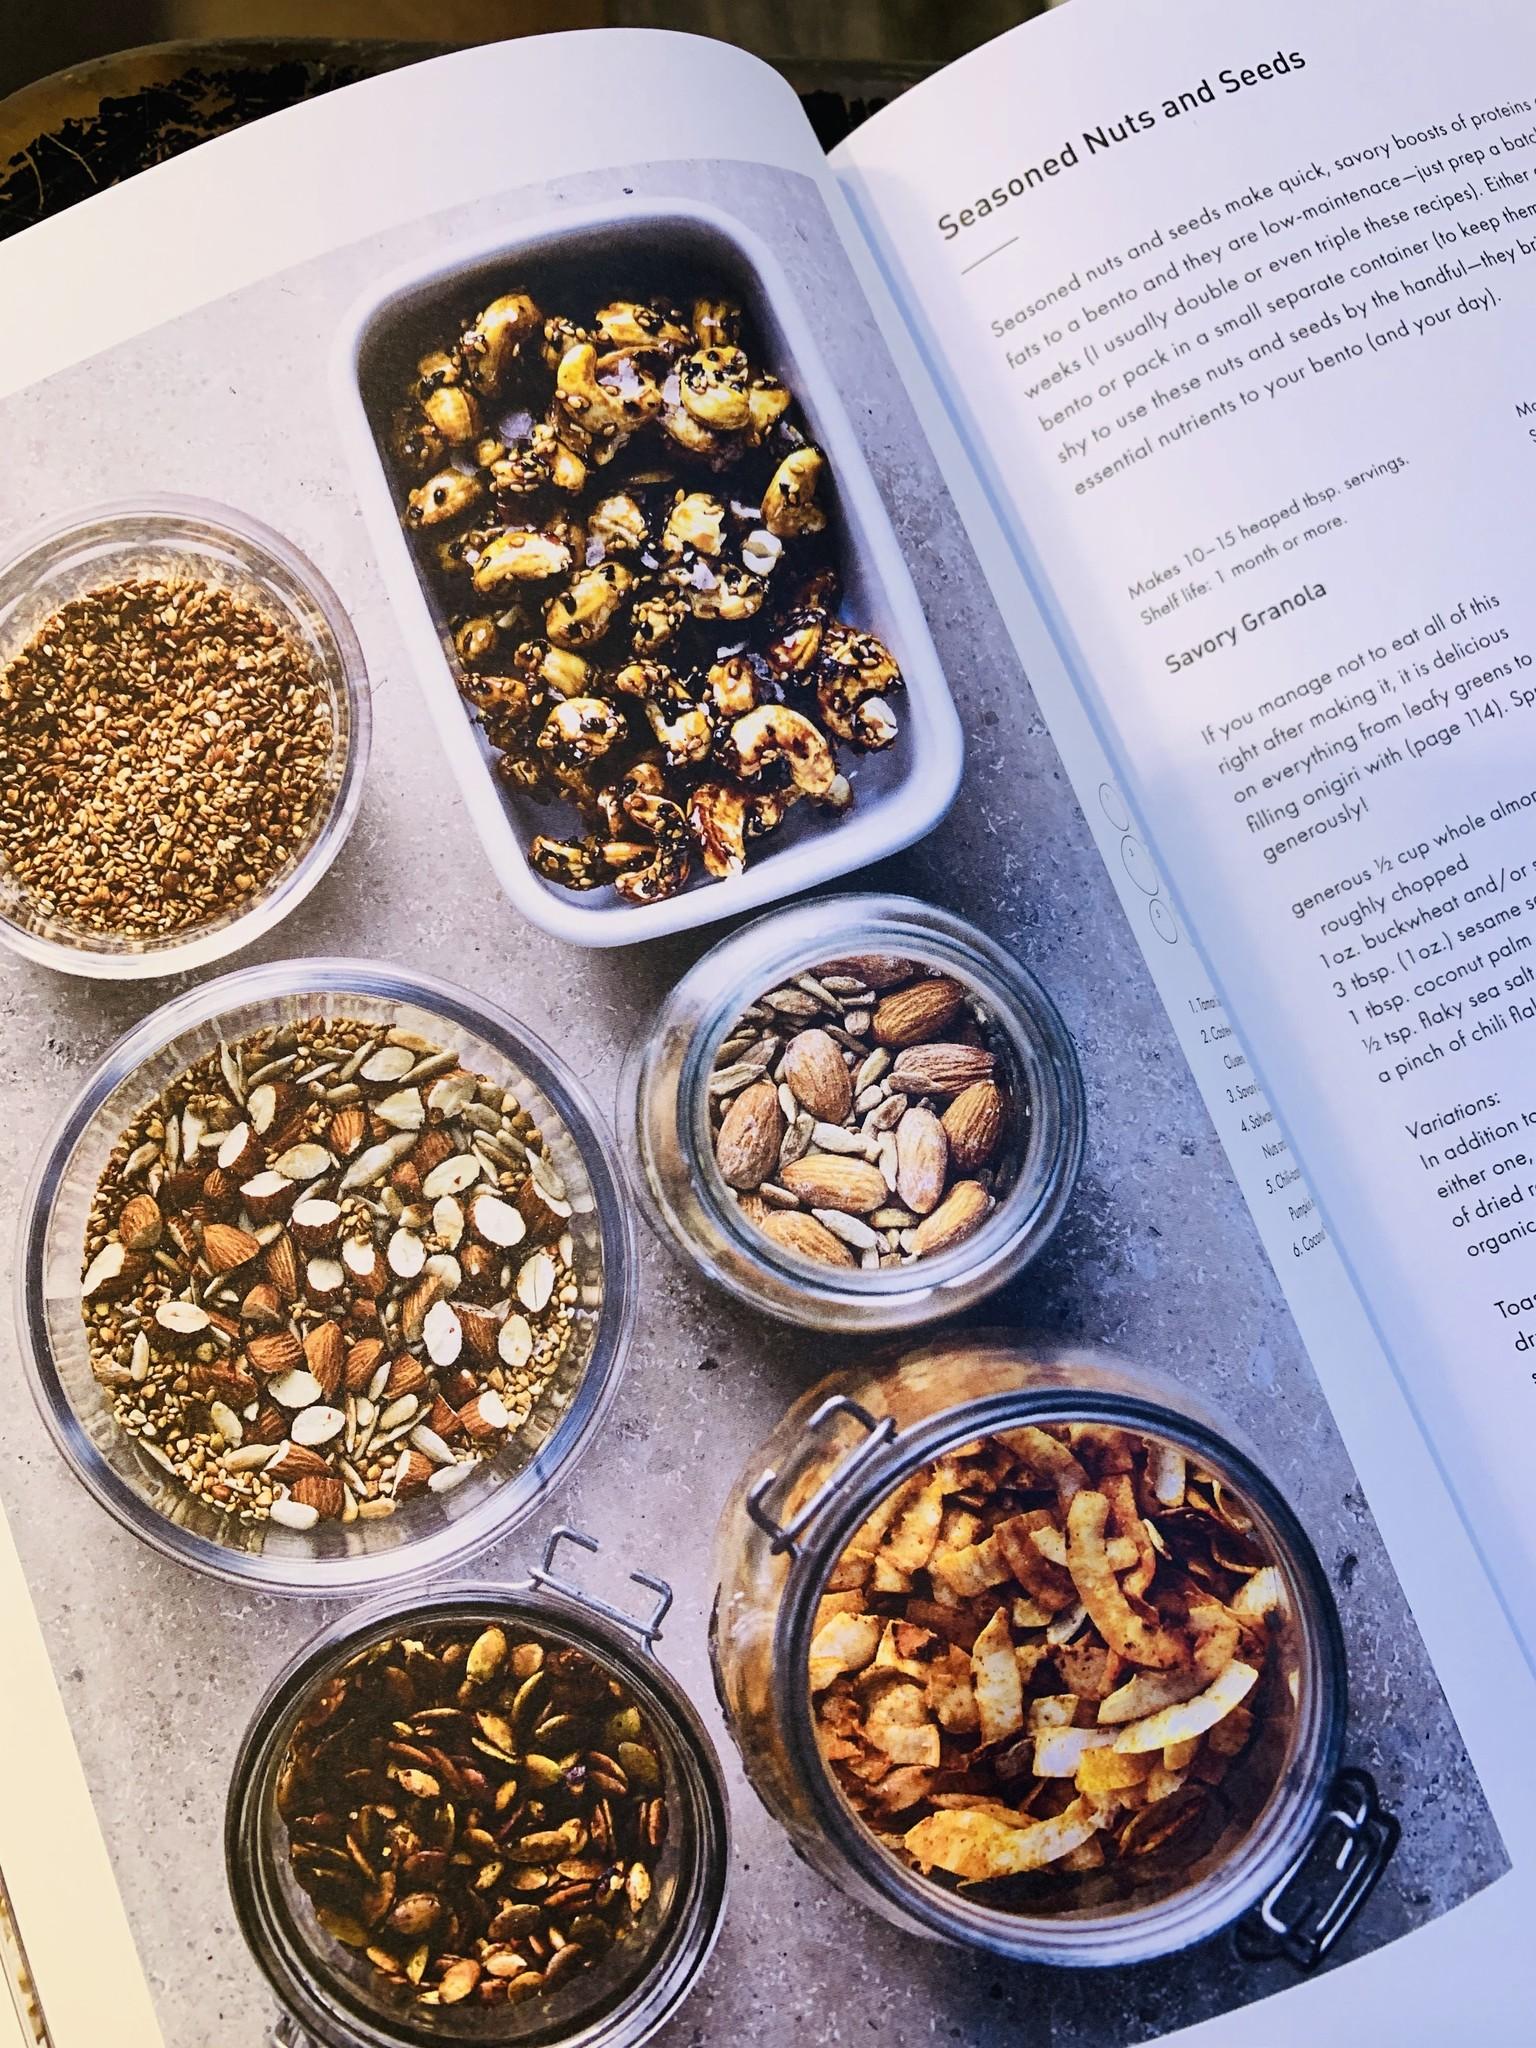 Une recette saine et délicieuse de mélange de noix et de graines assaisonnées